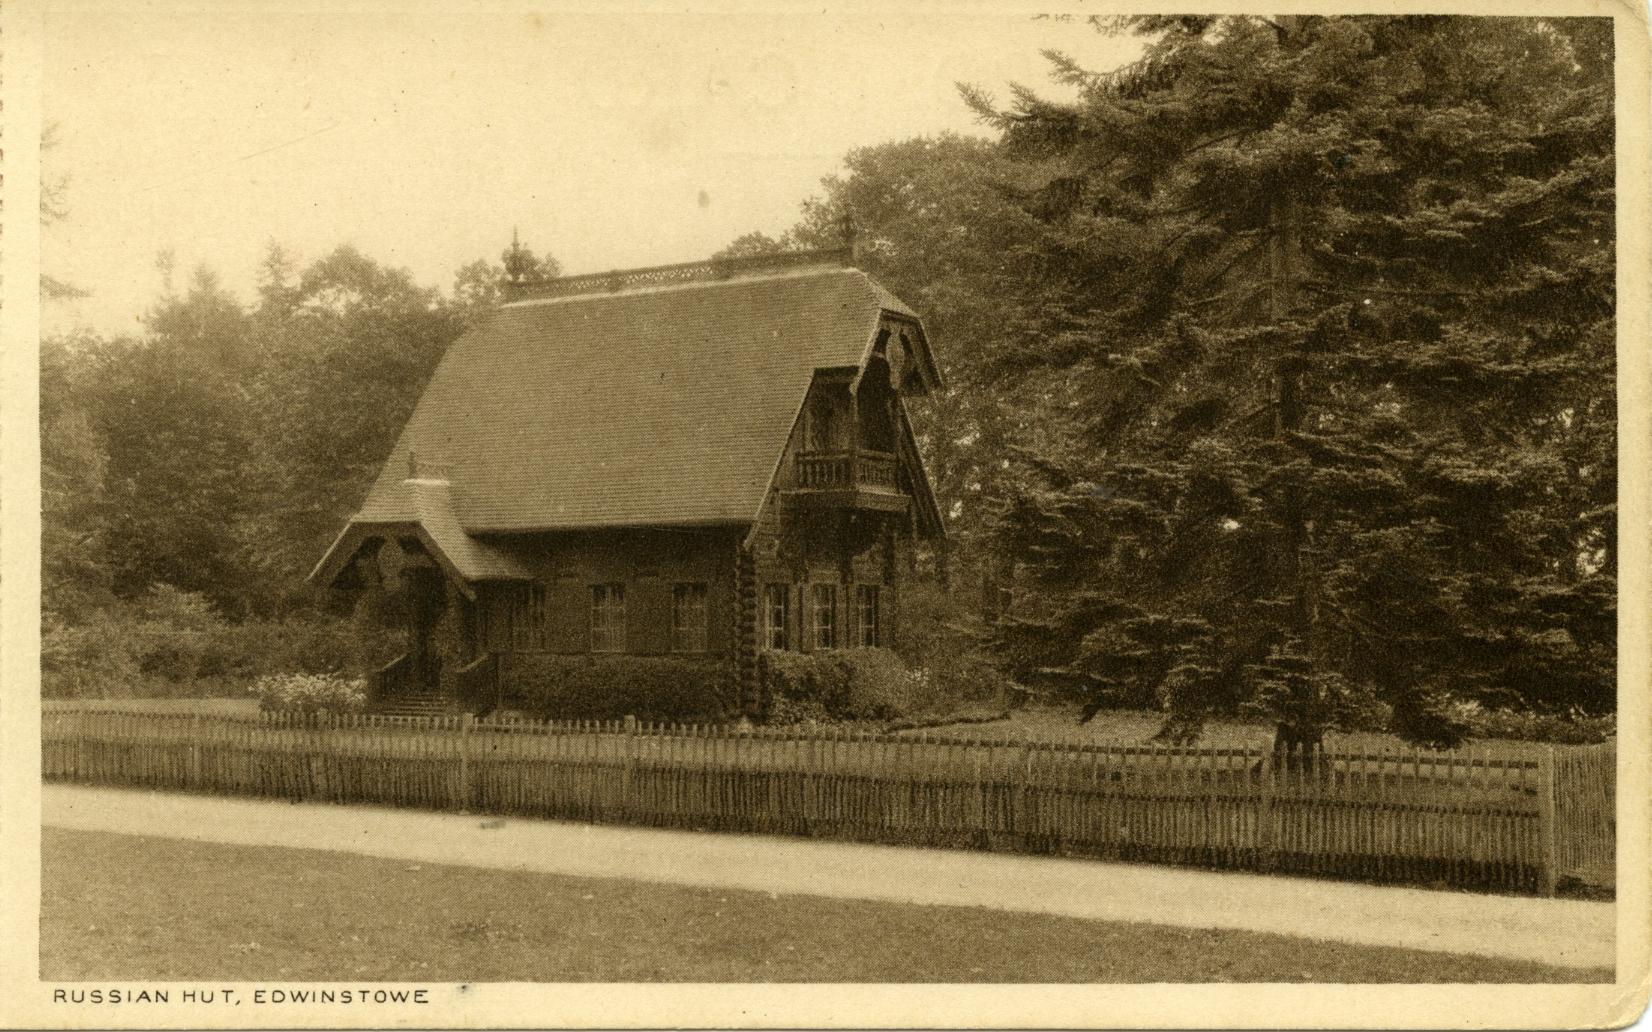 Russian Hut Edwinstowe n.d.